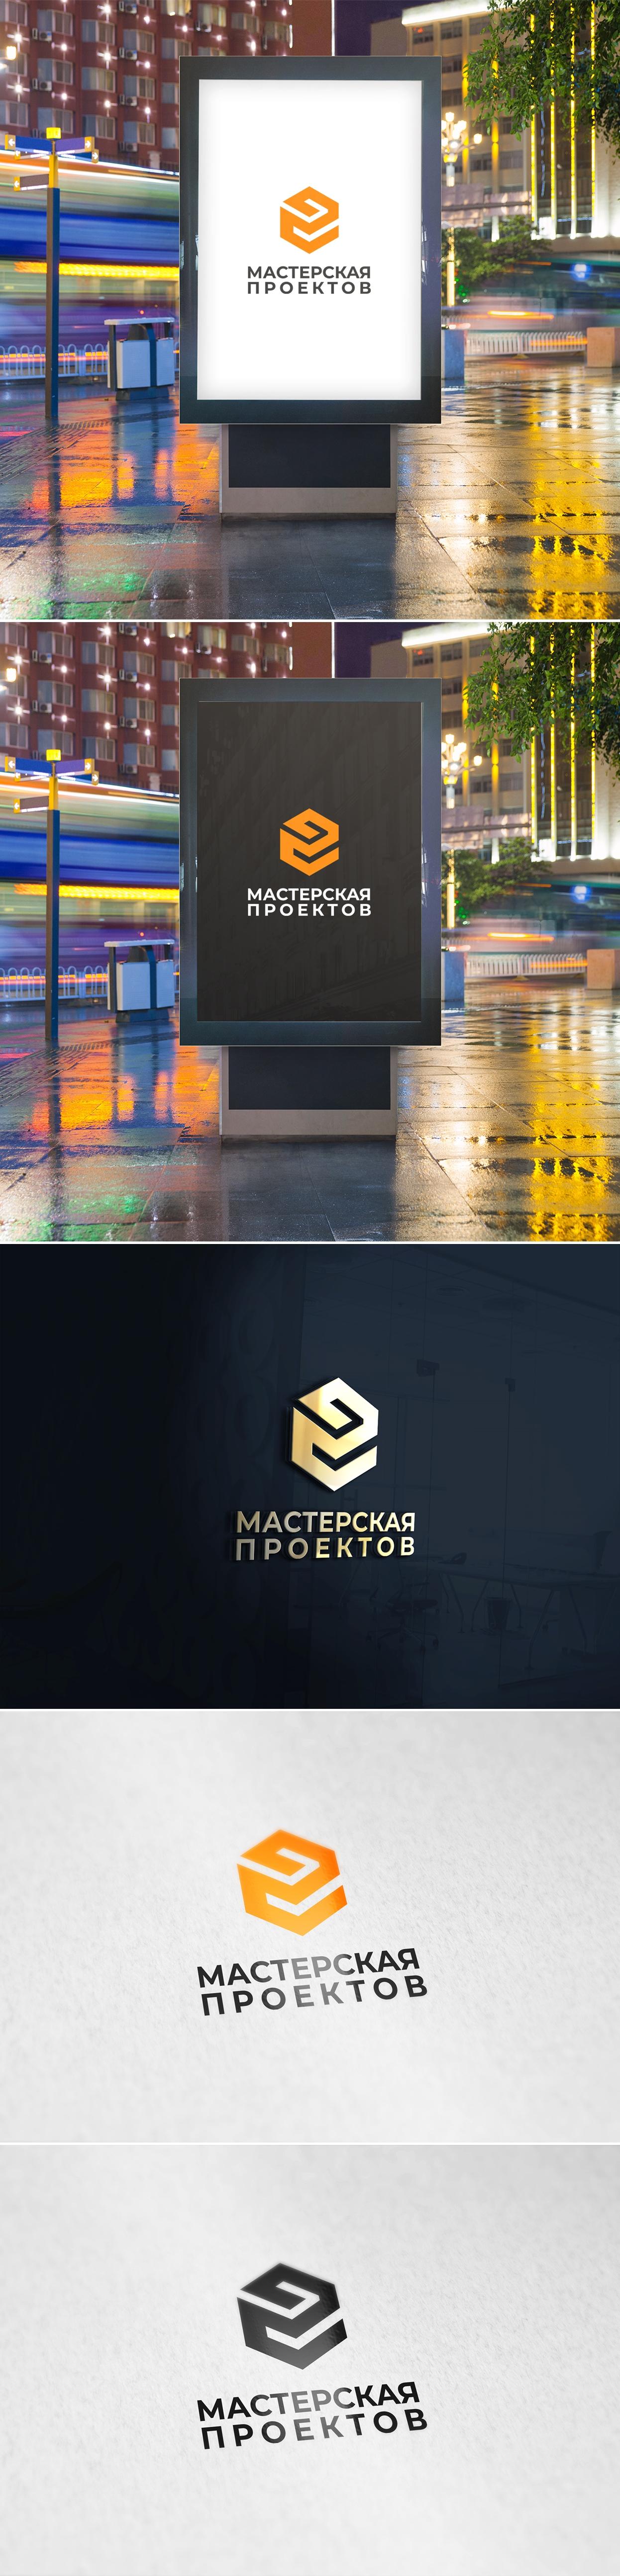 Разработка логотипа строительно-мебельного проекта (см. опис фото f_678606d53cd8ab0d.jpg